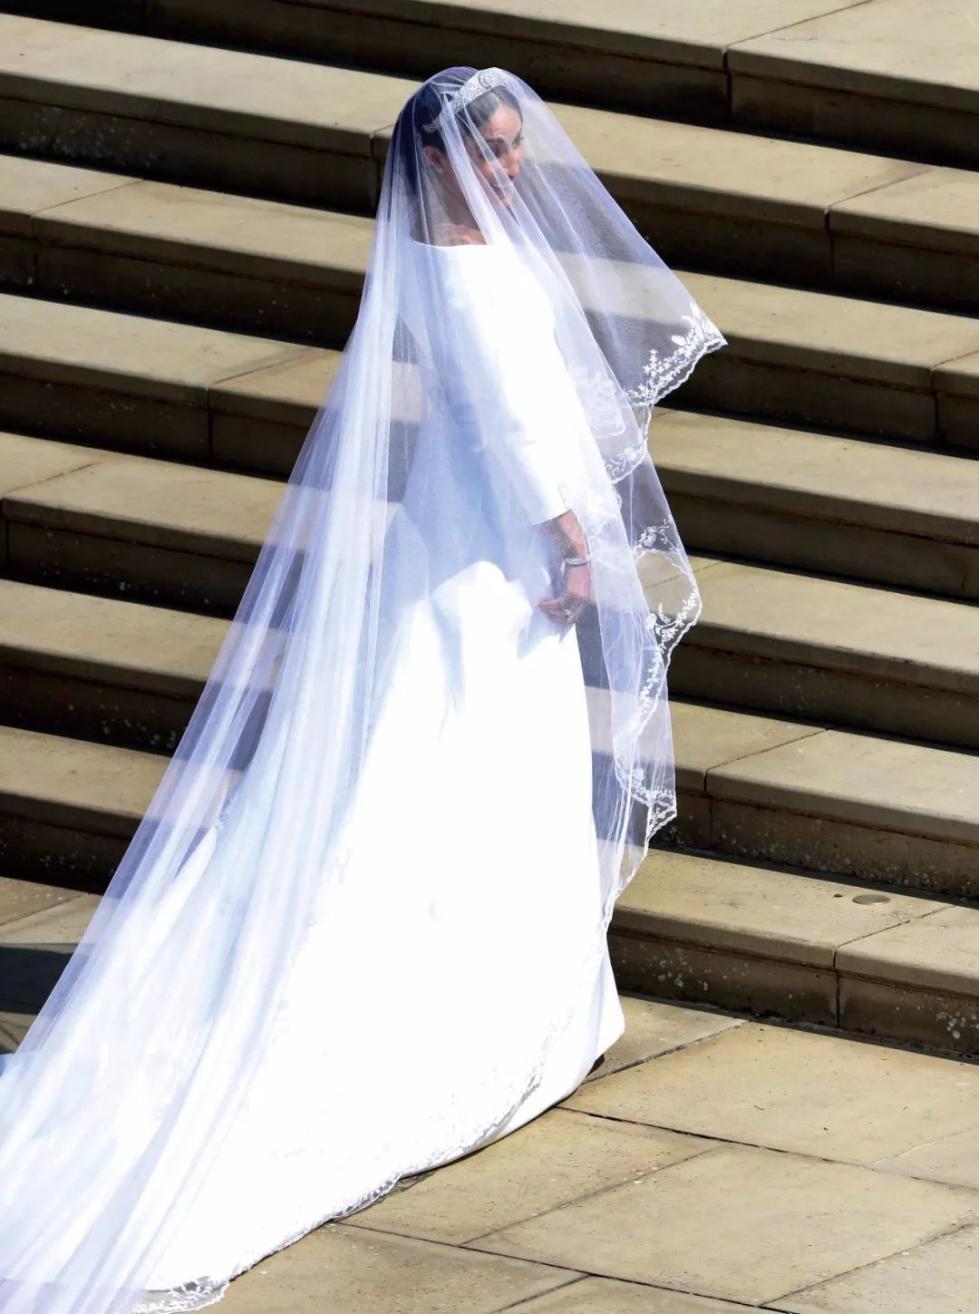 隐藏在皇家婚纱中的时尚密码,你get到了吗